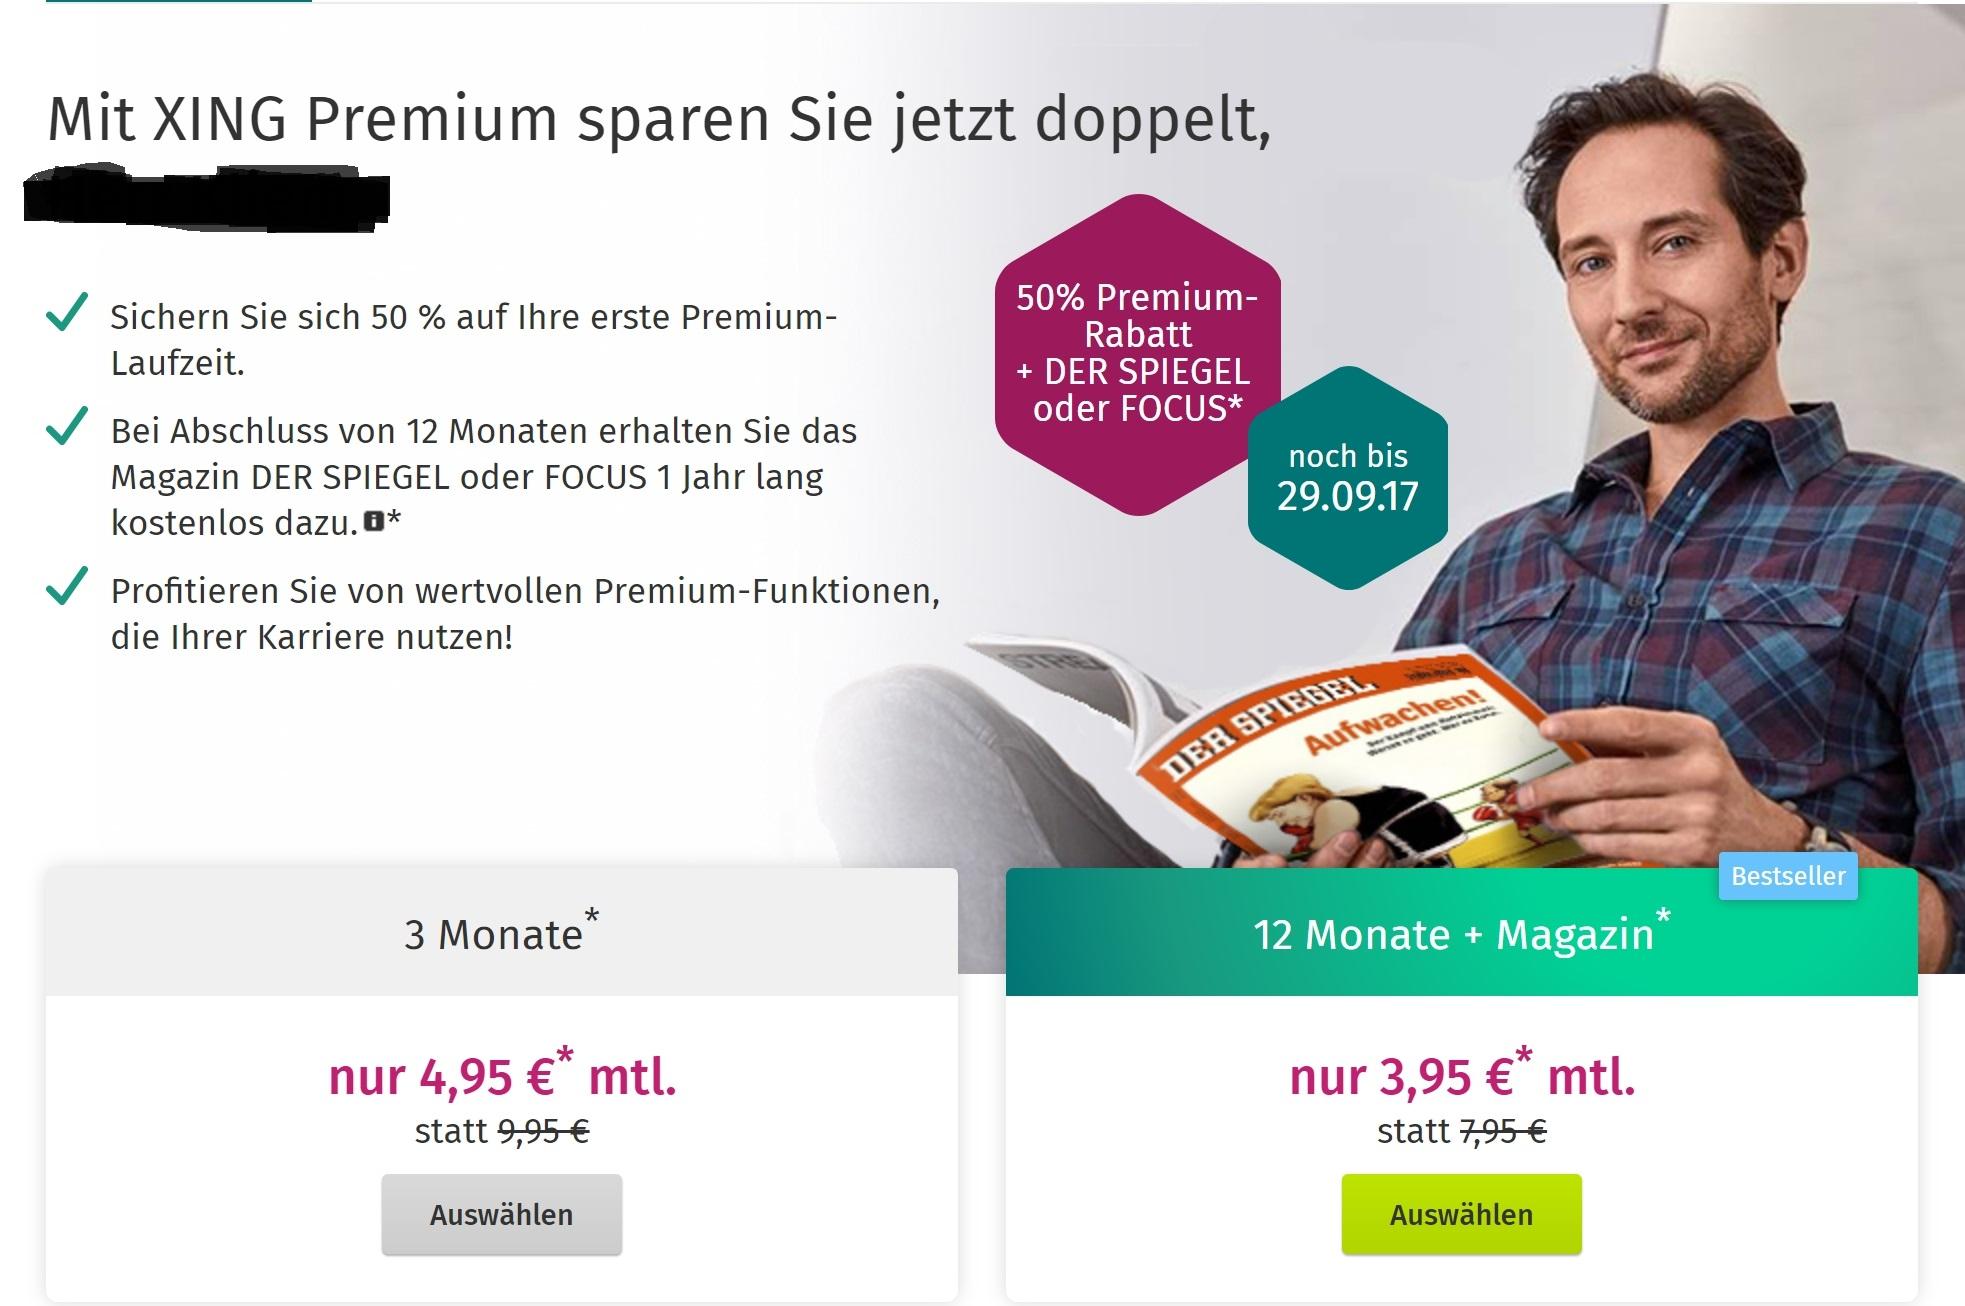 XING 50% Premium-Rabatt + DER SPIEGEL  oder FOCUS